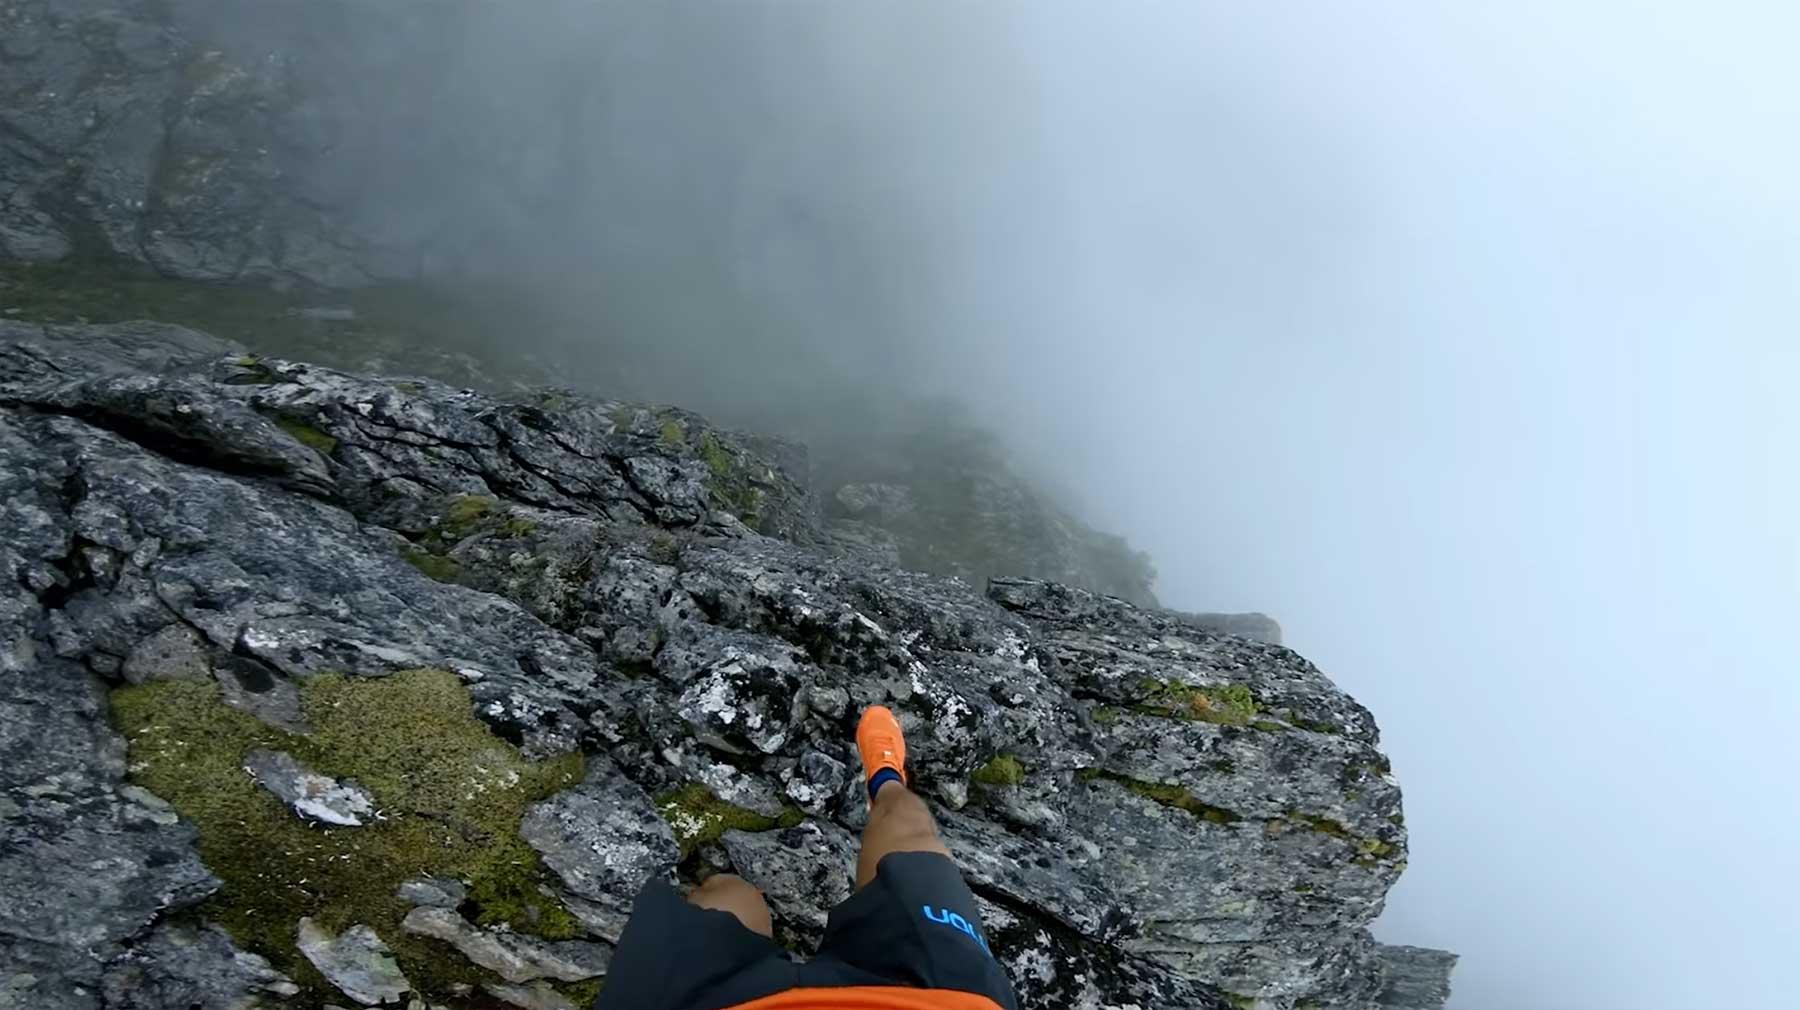 Mit Kilian Jornet auf Bergkämmen laufen